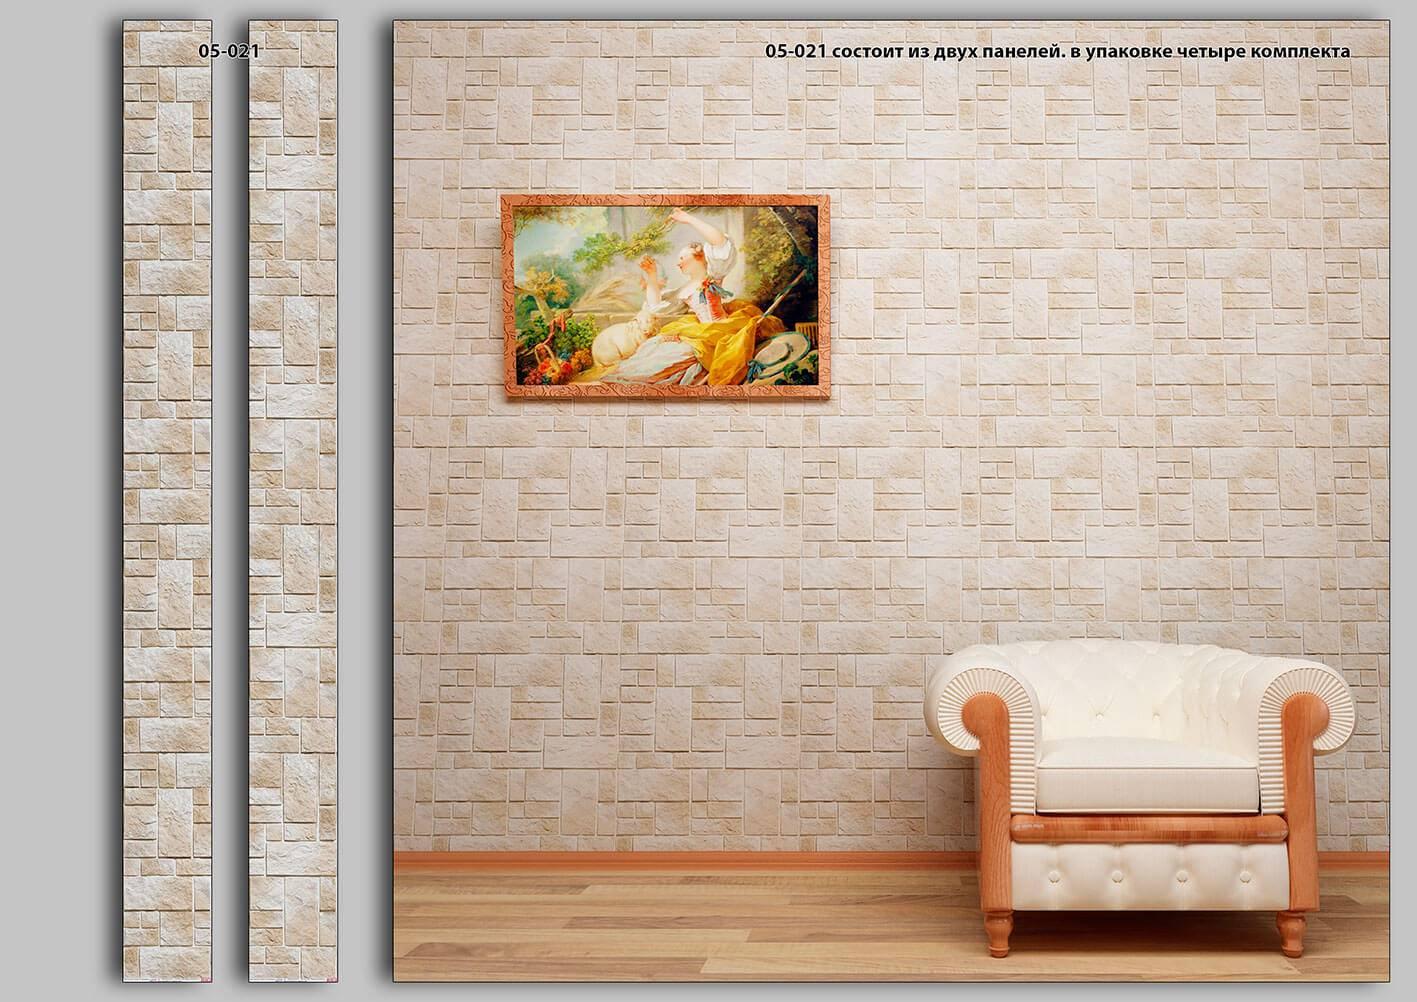 декор стен из пластиковых панелей фото повествование настолько невероятно